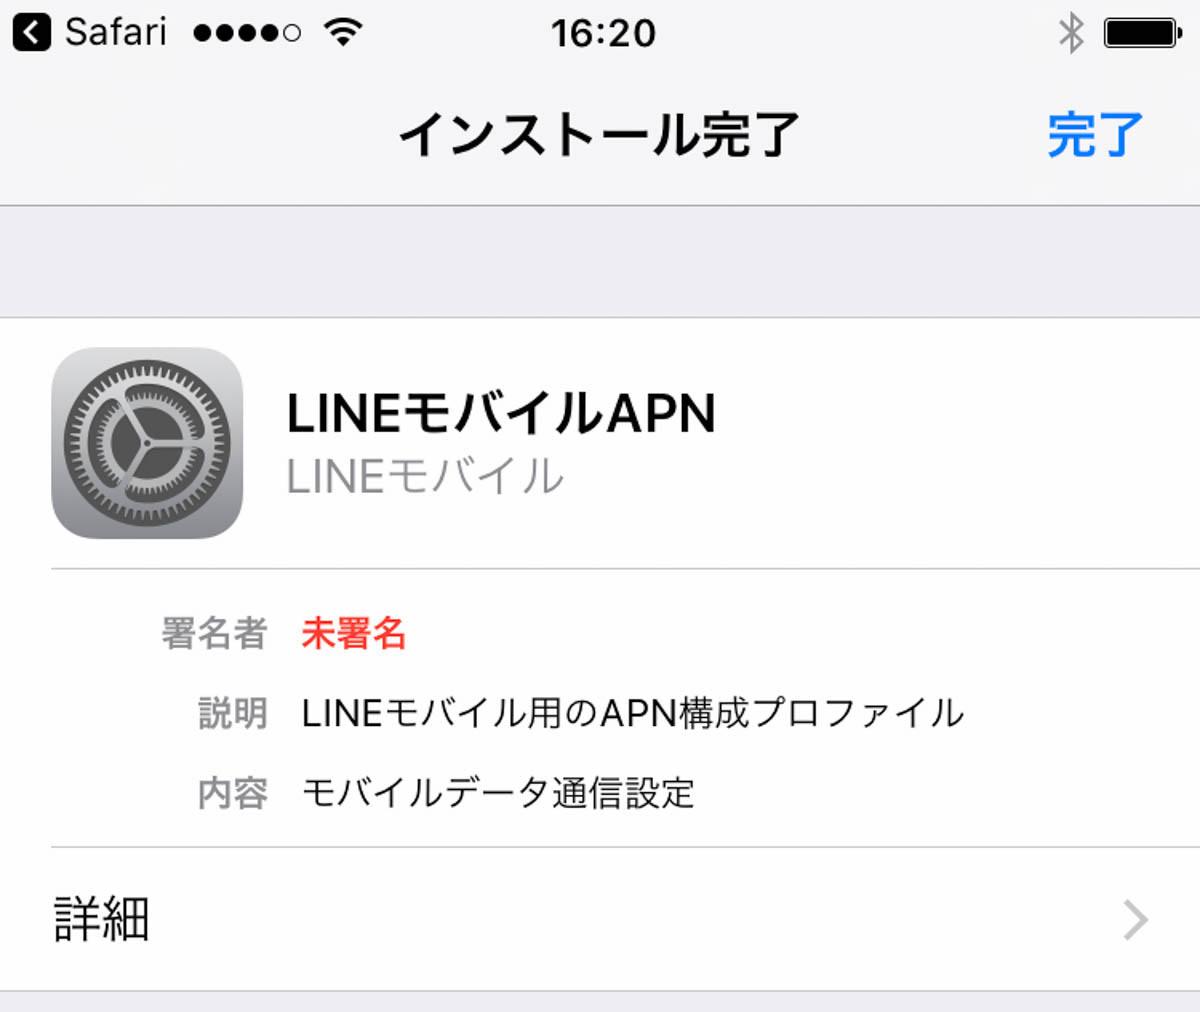 モバイル プロファイル ライン